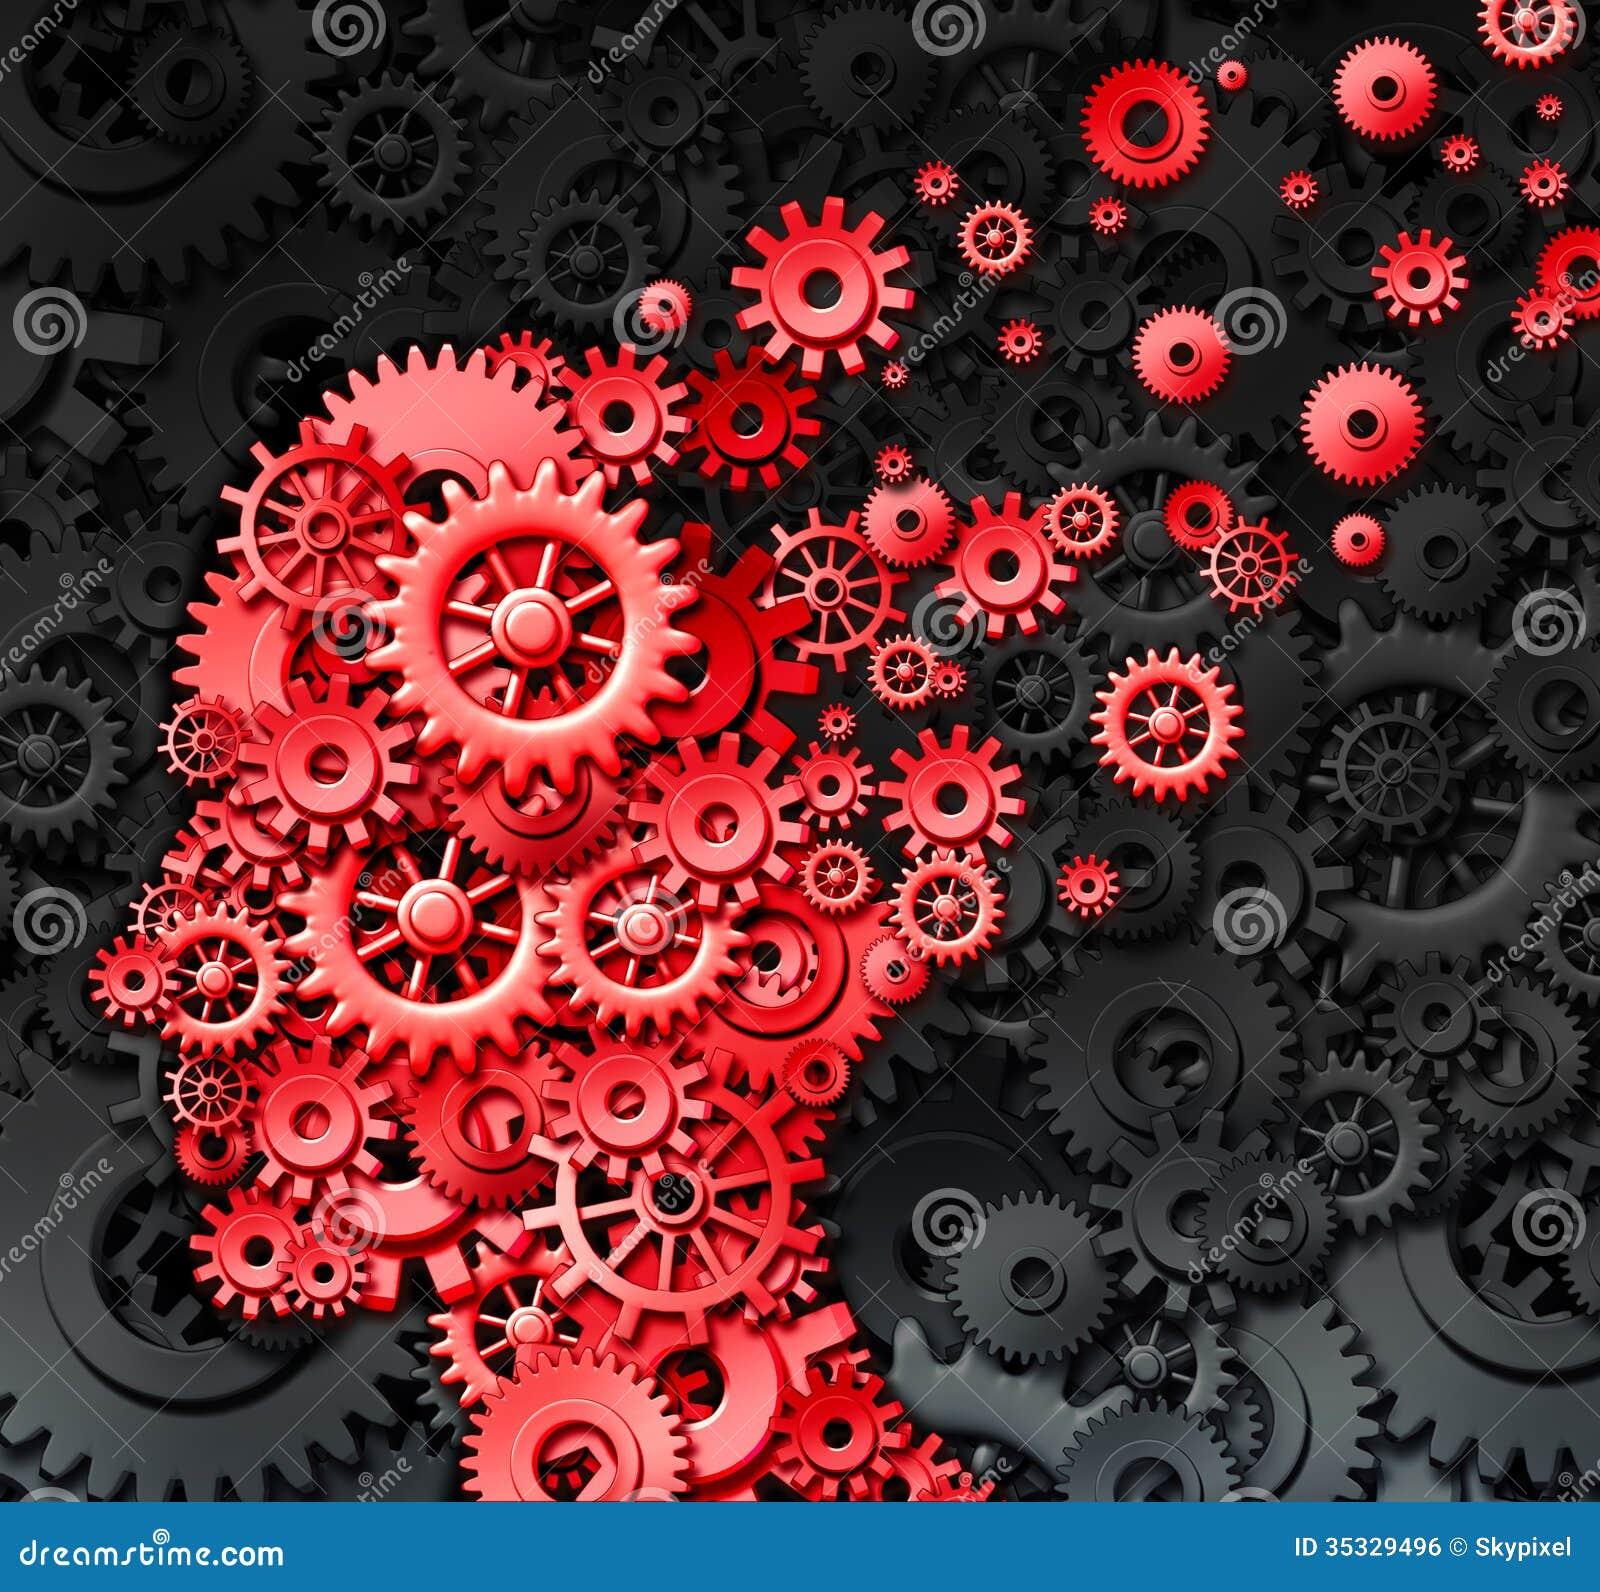 Ser humano Brain Injury